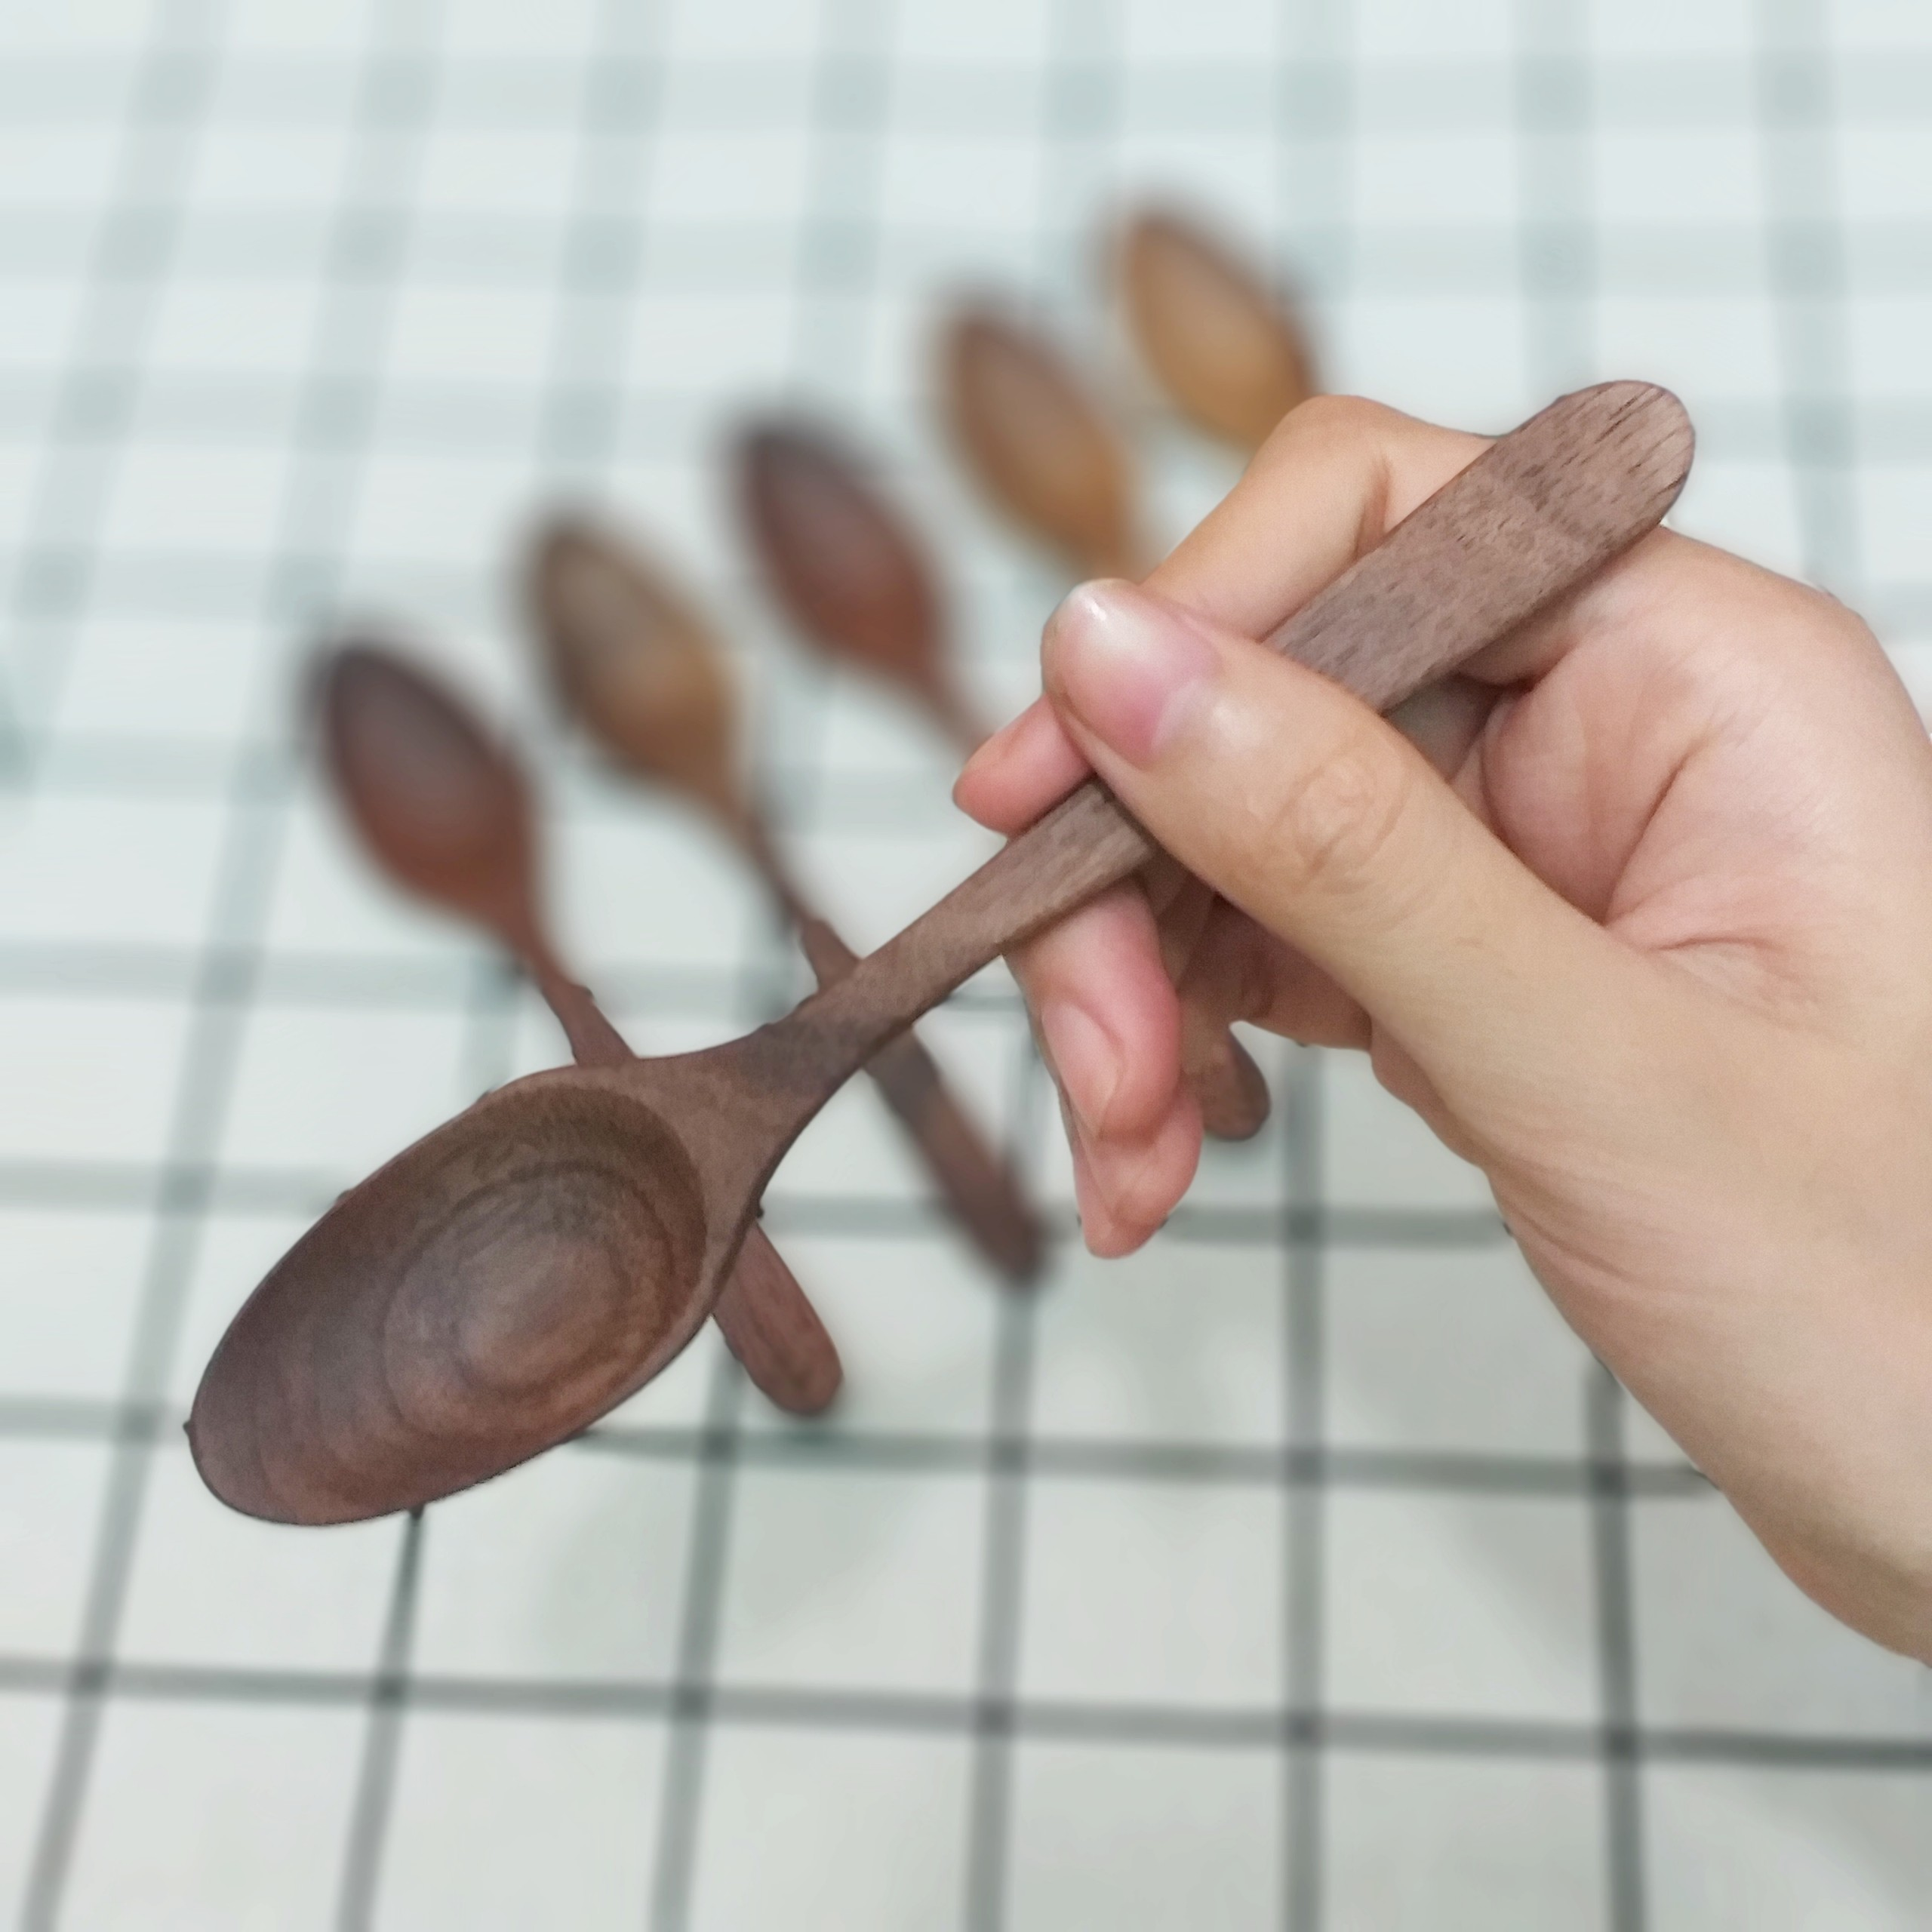 Bộ 6 thìa , muỗng gỗ Óc chó nhỏ (14,5cmx3cm) - Đồ Gỗ Bàn Ăn Tiện Dụng (OC3)